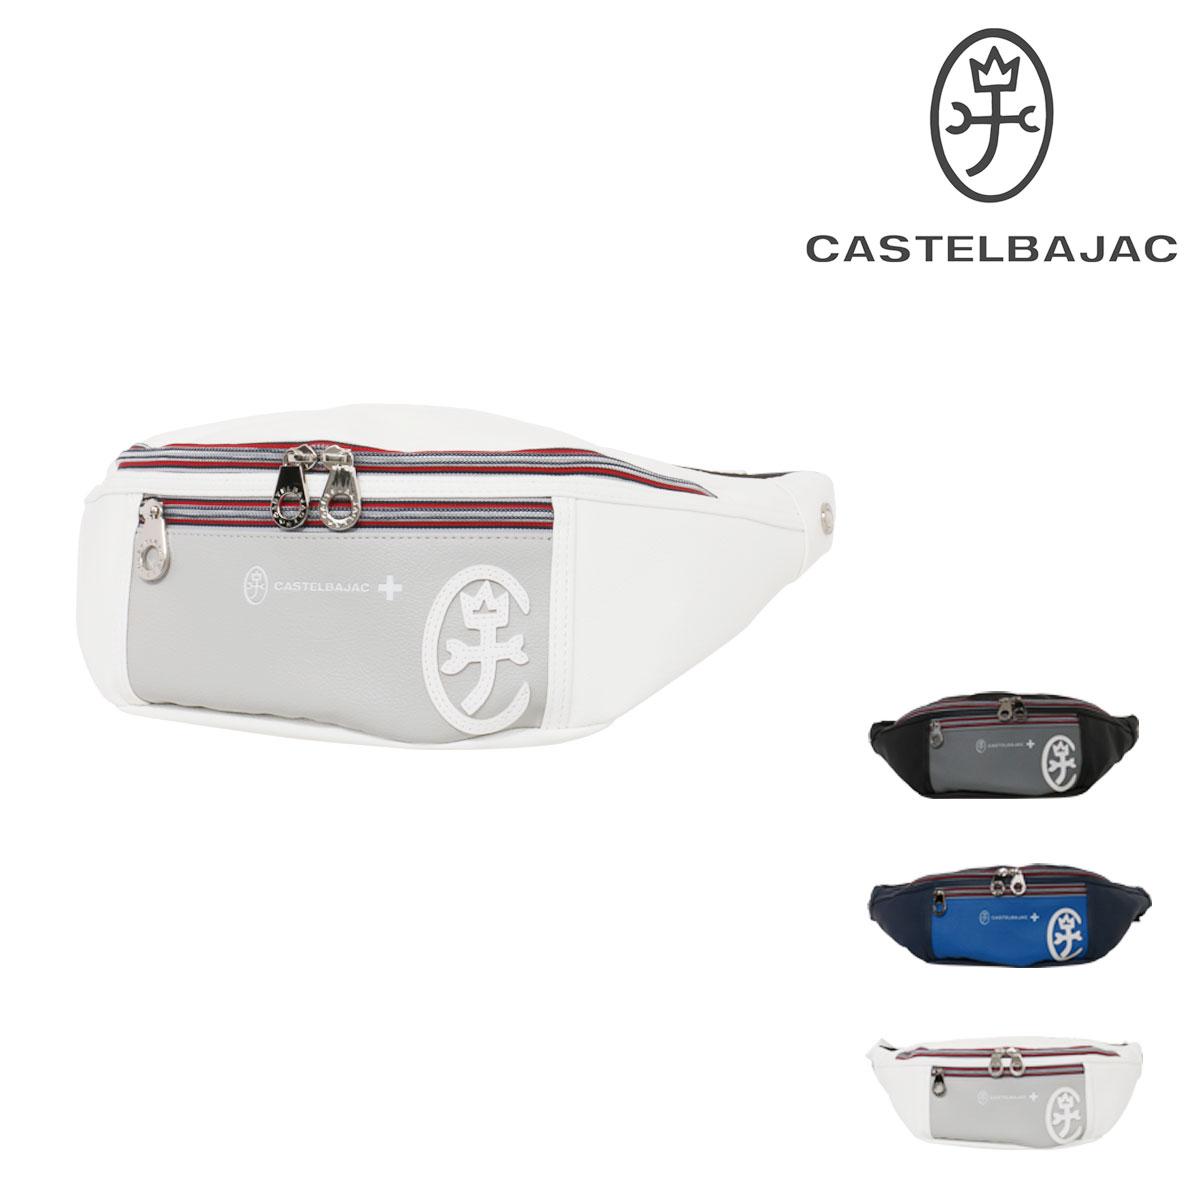 カステルバジャック ウエストポーチ スキーム メンズ 60931 CASTELBAJAC ワンショルダー ウエストバッグ[PO10][bef]